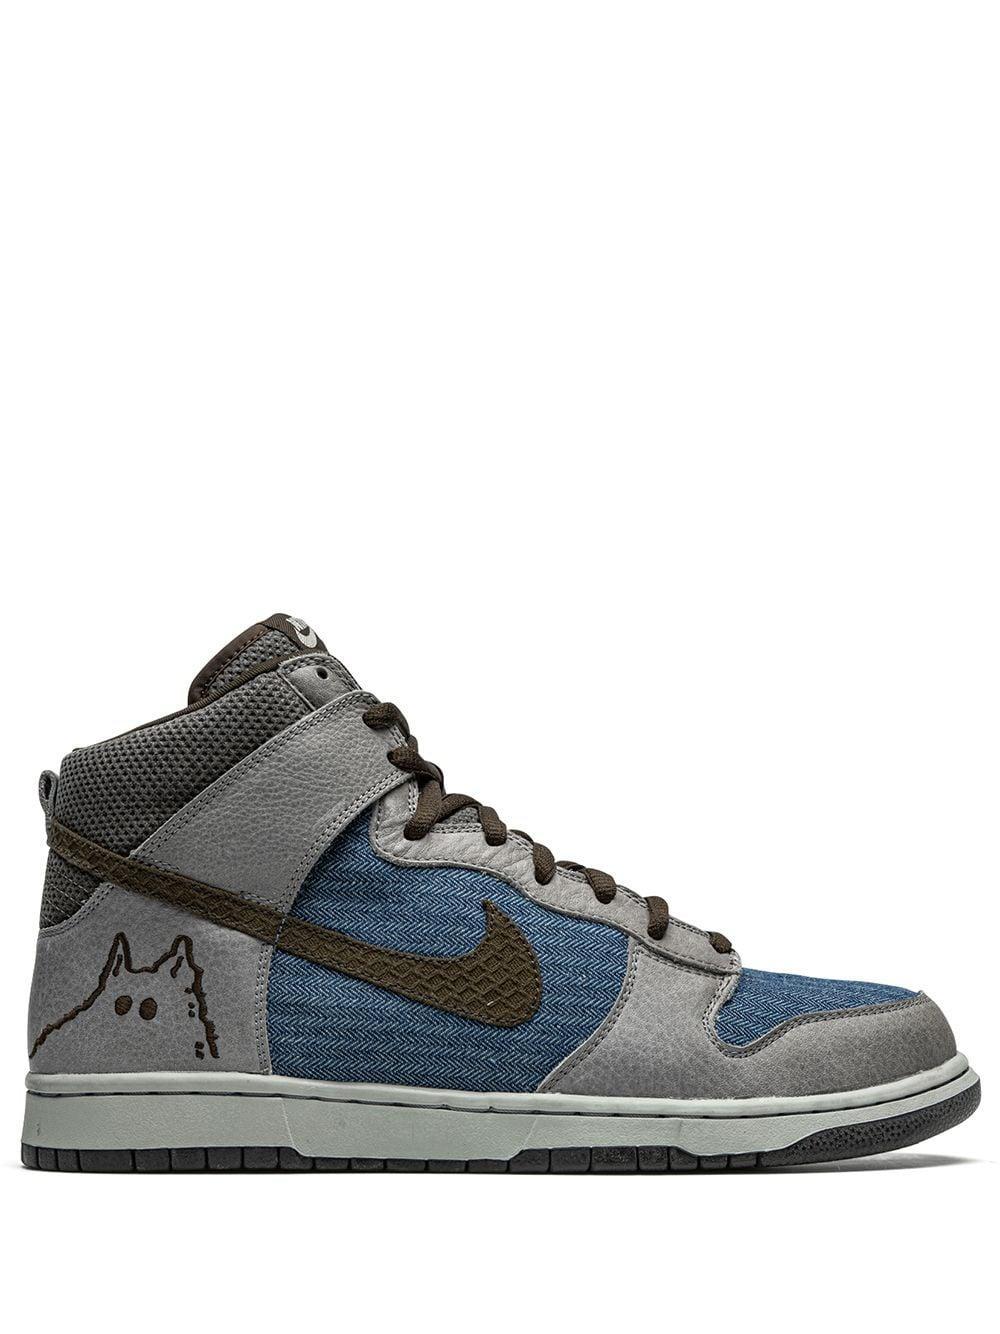 Baskets montantes Dunk Pro SB Quasimoto Cuir Nike pour homme en ...